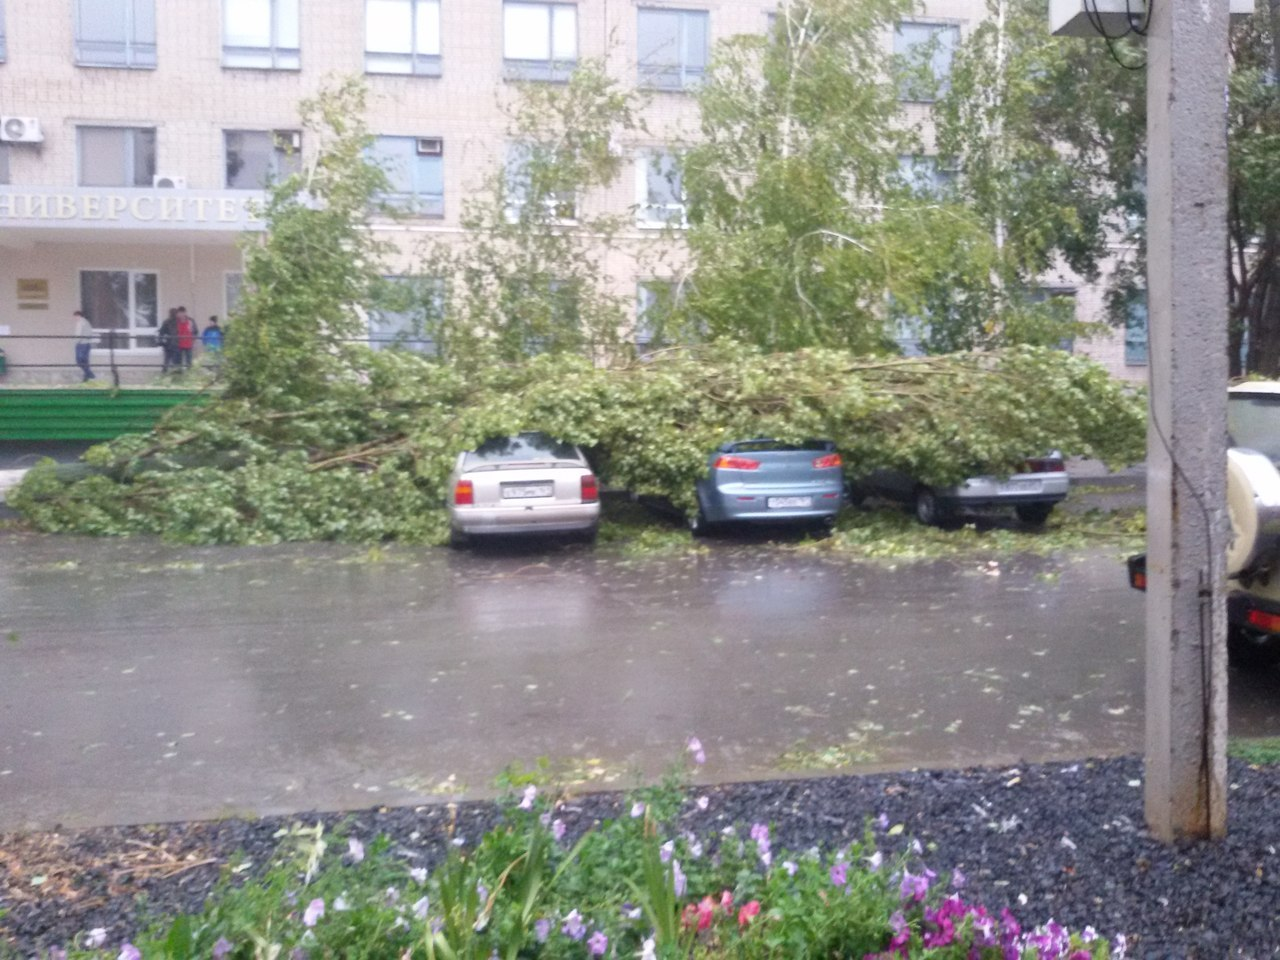 Апокалипсис? В Таганроге штормовой ветер со скоростью 36 м/c валит деревья, рвет линии электропередач, дождь затопил улицы. 33 ФОТО